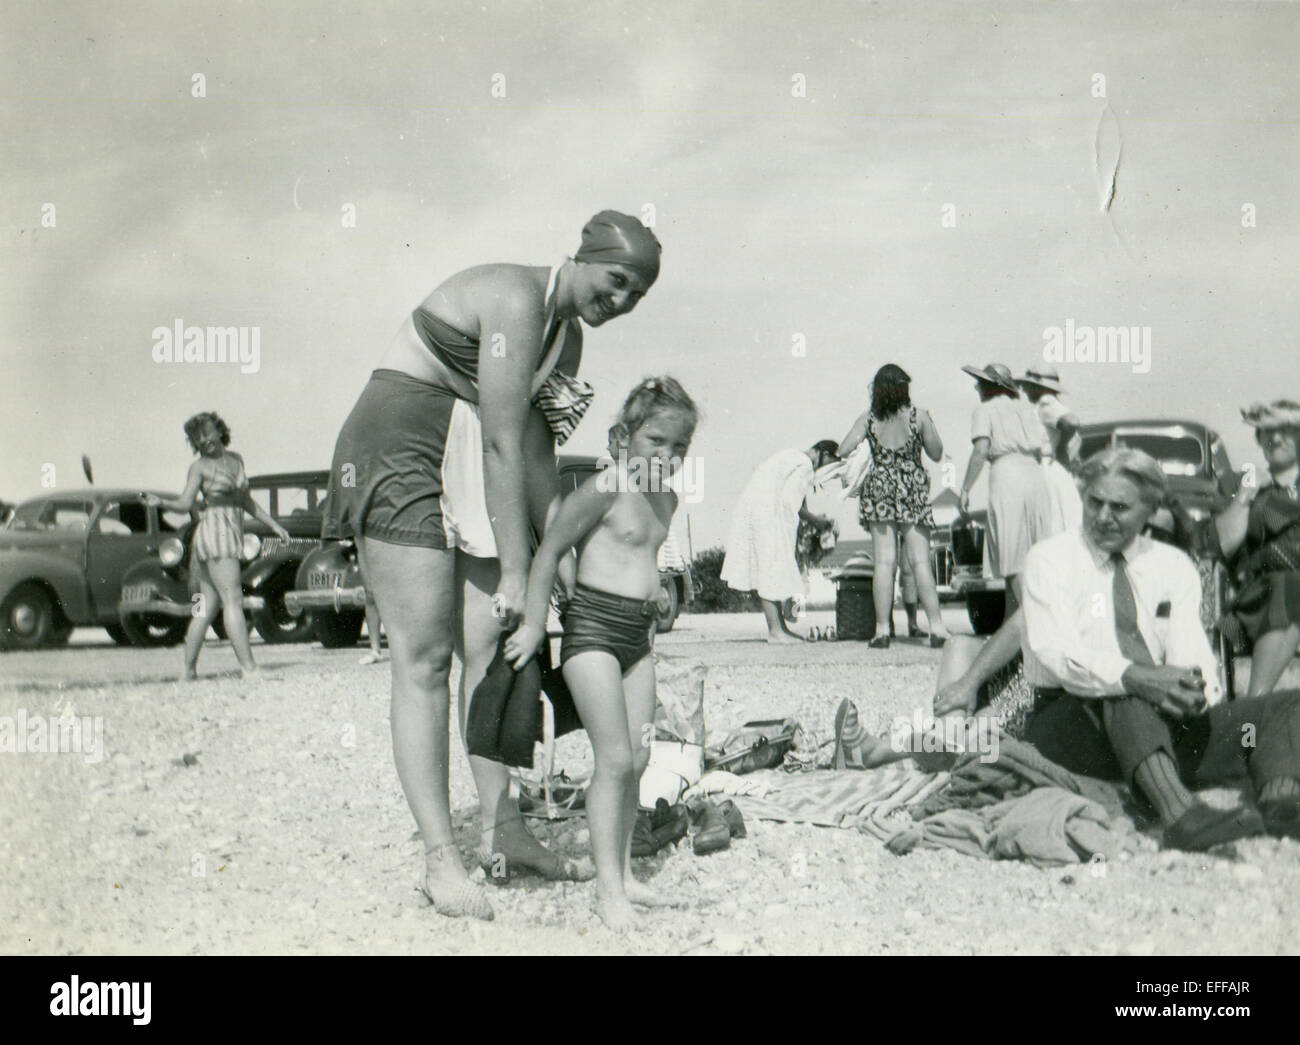 Il 12 Dic. 2014 - Canada - circa trenta: Riproduzione di un antico mostra fotografica di una donna in costume da bagno e un cappuccio di gomma mette una bambina sulla spiaggia, guardando loro anziani imprenditore in un tirante, nessuna camicia che siede accanto alla sabbia. Sullo sfondo una donna in costume da bagno e un vestito e hat contro lo sfondo di automobili. (Credito Immagine: © Igor Golovniov/ZUMA filo/ZUMAPRESS.com) Foto Stock